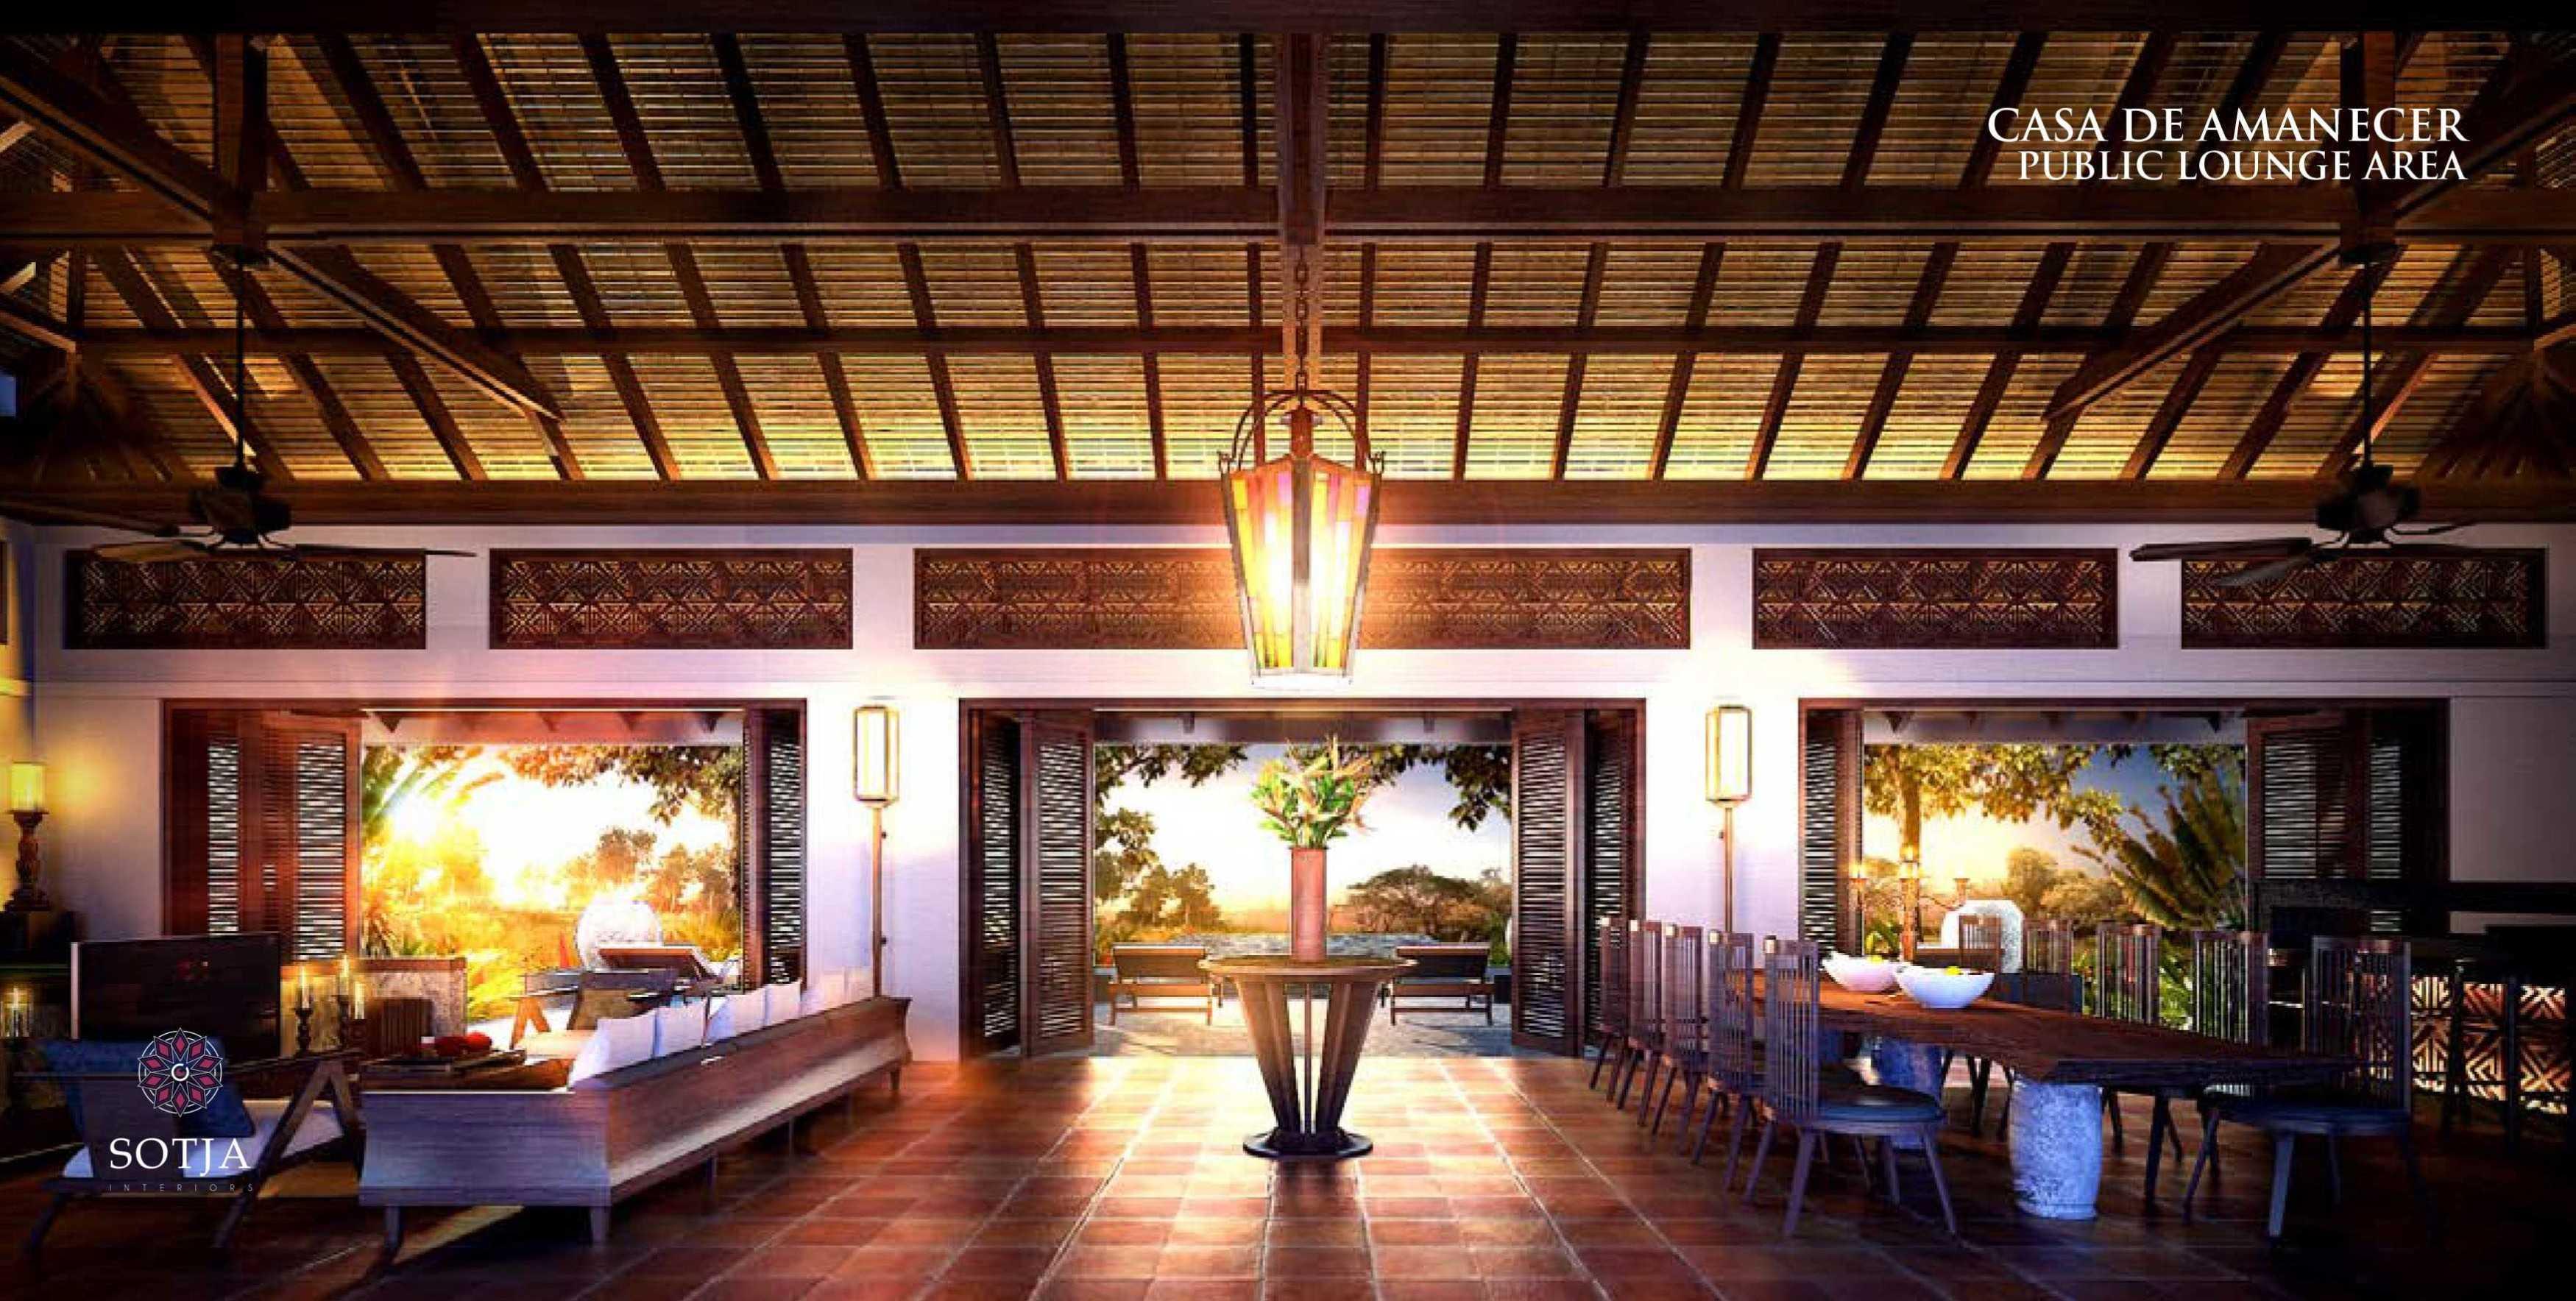 Sotja Interiors Casa De Amanecer Bocal Del Toro, Panama Bocal Del Toro, Panama Public-Lounge-Area   8708